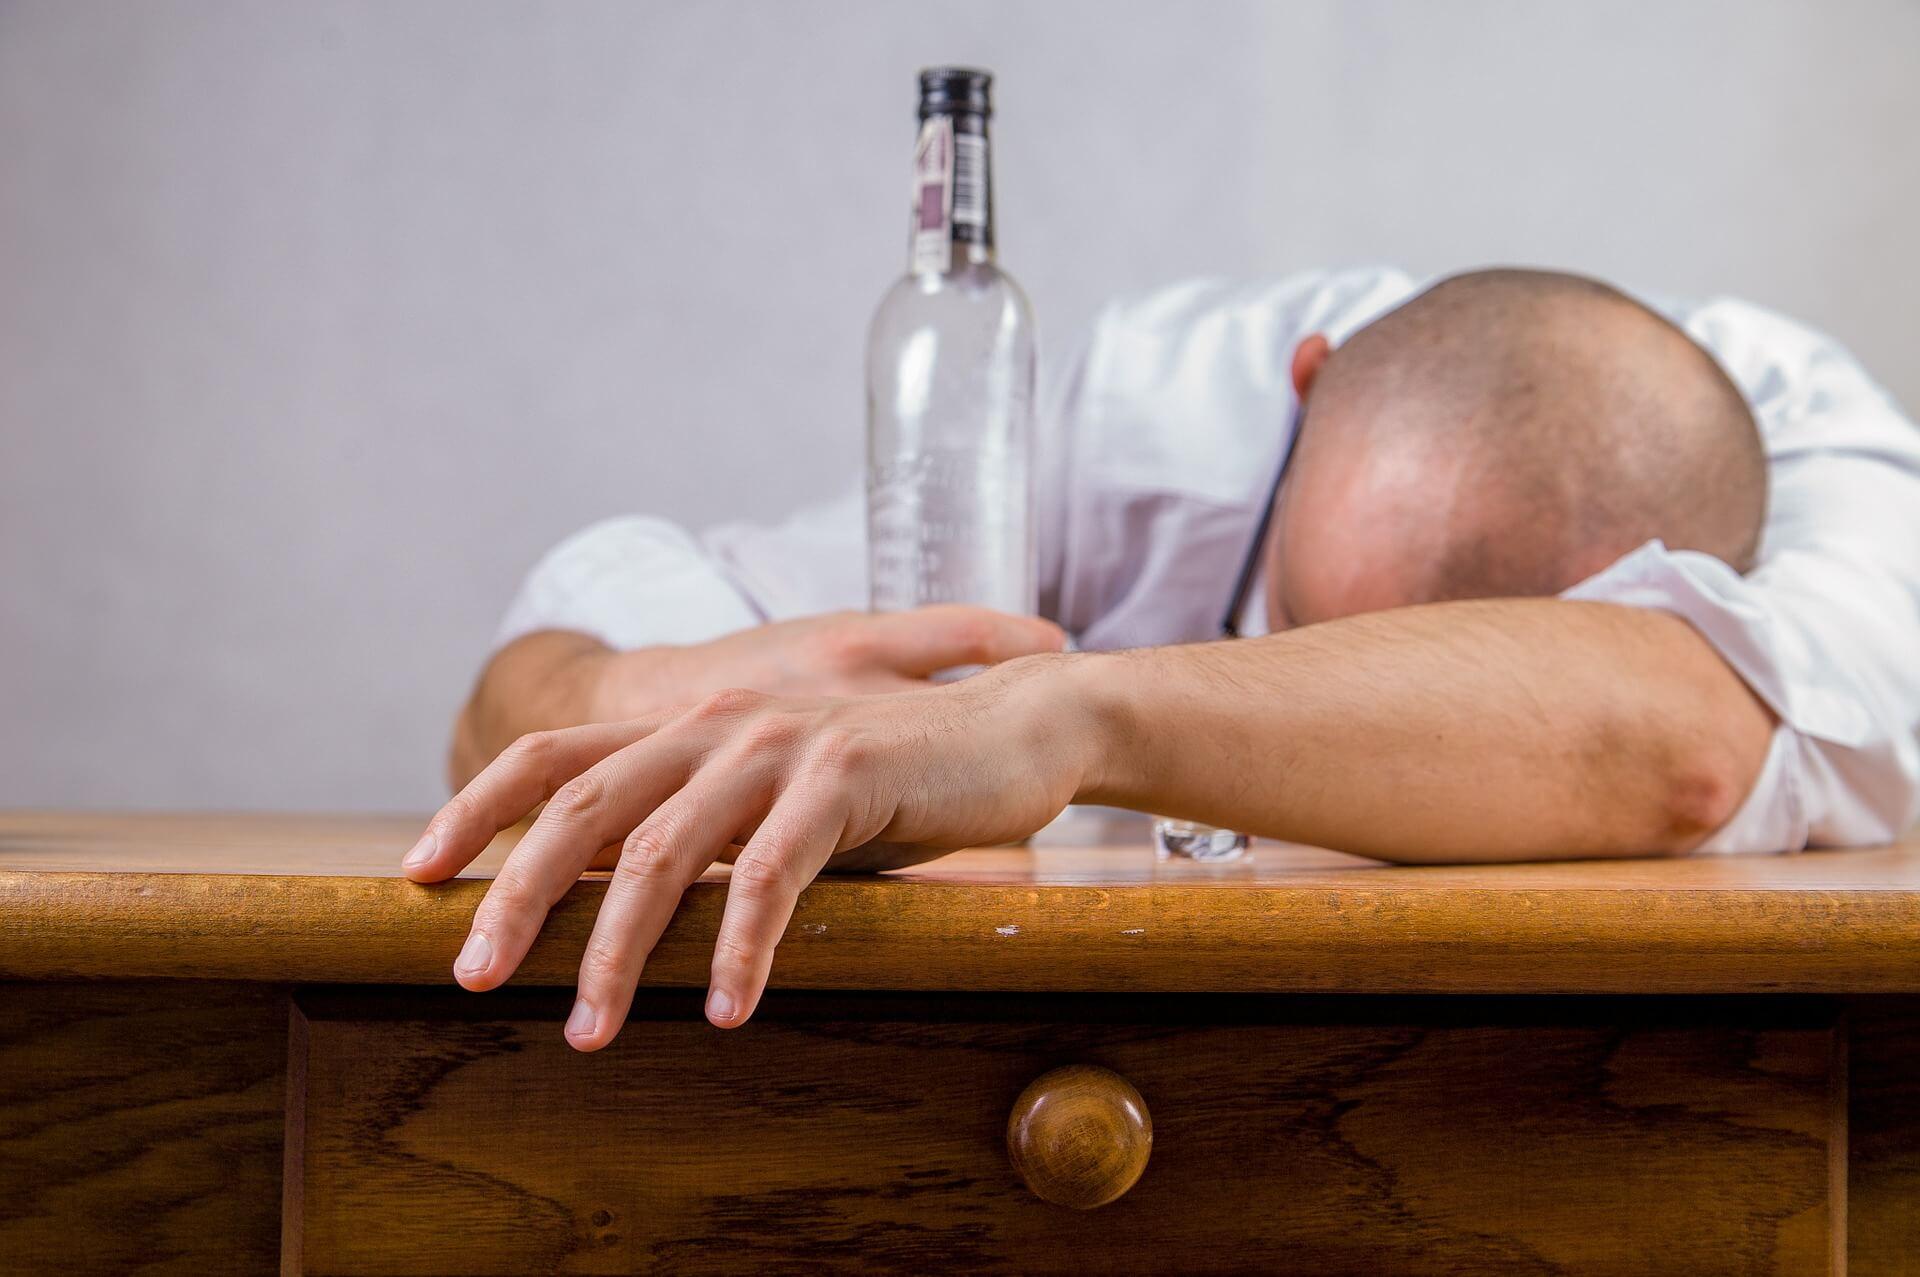 Amtlich bestätigt: Kater bzw. Hangover ist eine Krankheit